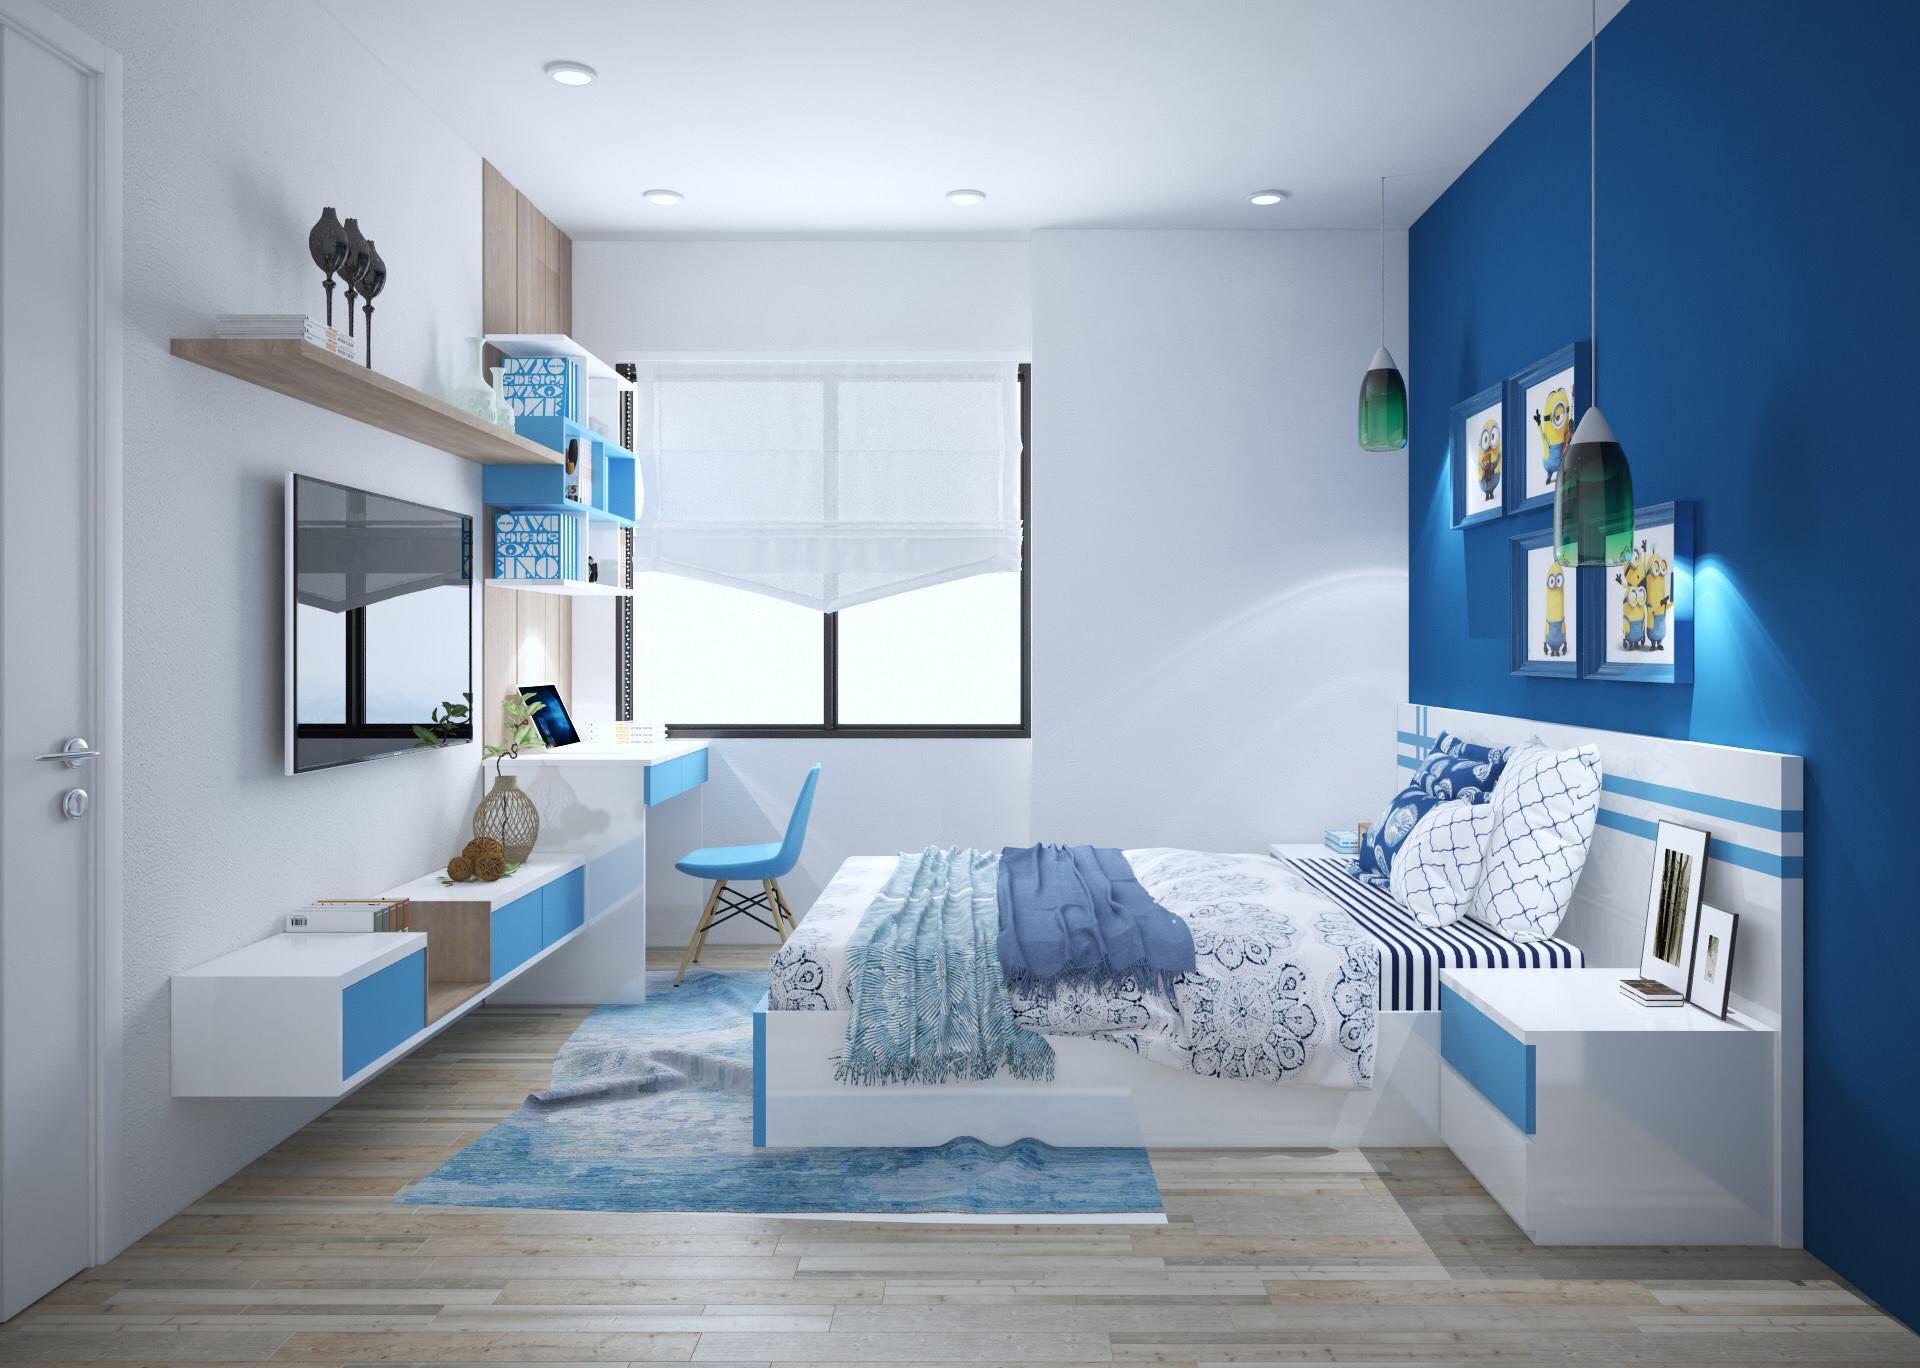 Thiết kế nội thất phòng ngủ cho nhà phố đẹp, gia đình anh Hoàng Anh